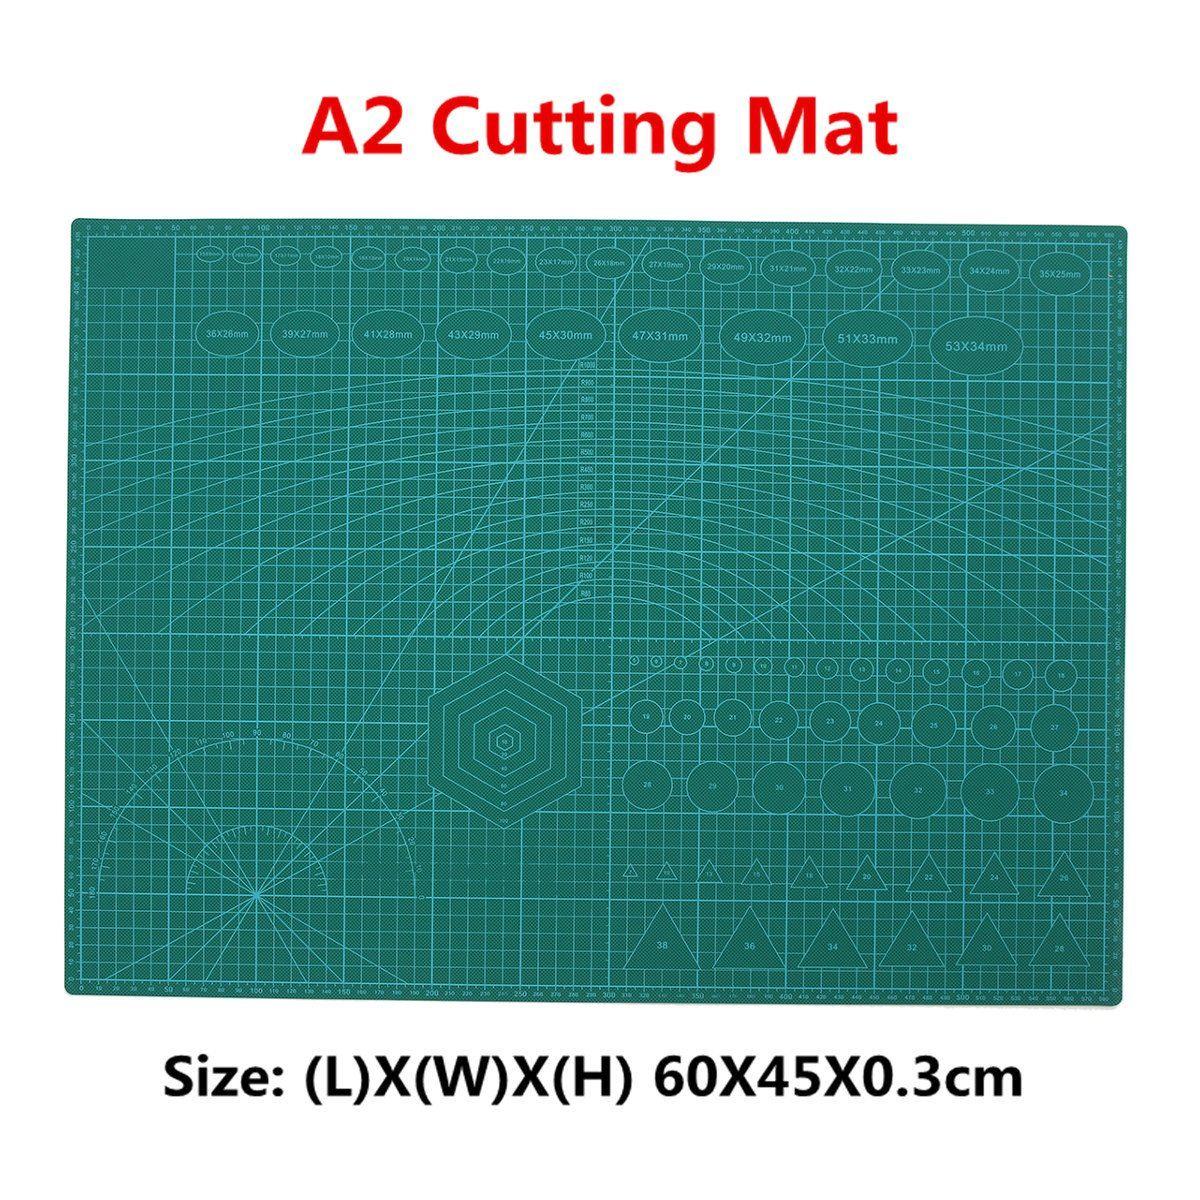 Коврик для резки A2, ПВХ, лоскутный коврик для резки с двойной печатью, самоисцеляющий коврик, крафтовый Квилтинг, скрапбукинг, 45x60 см, 3 мм